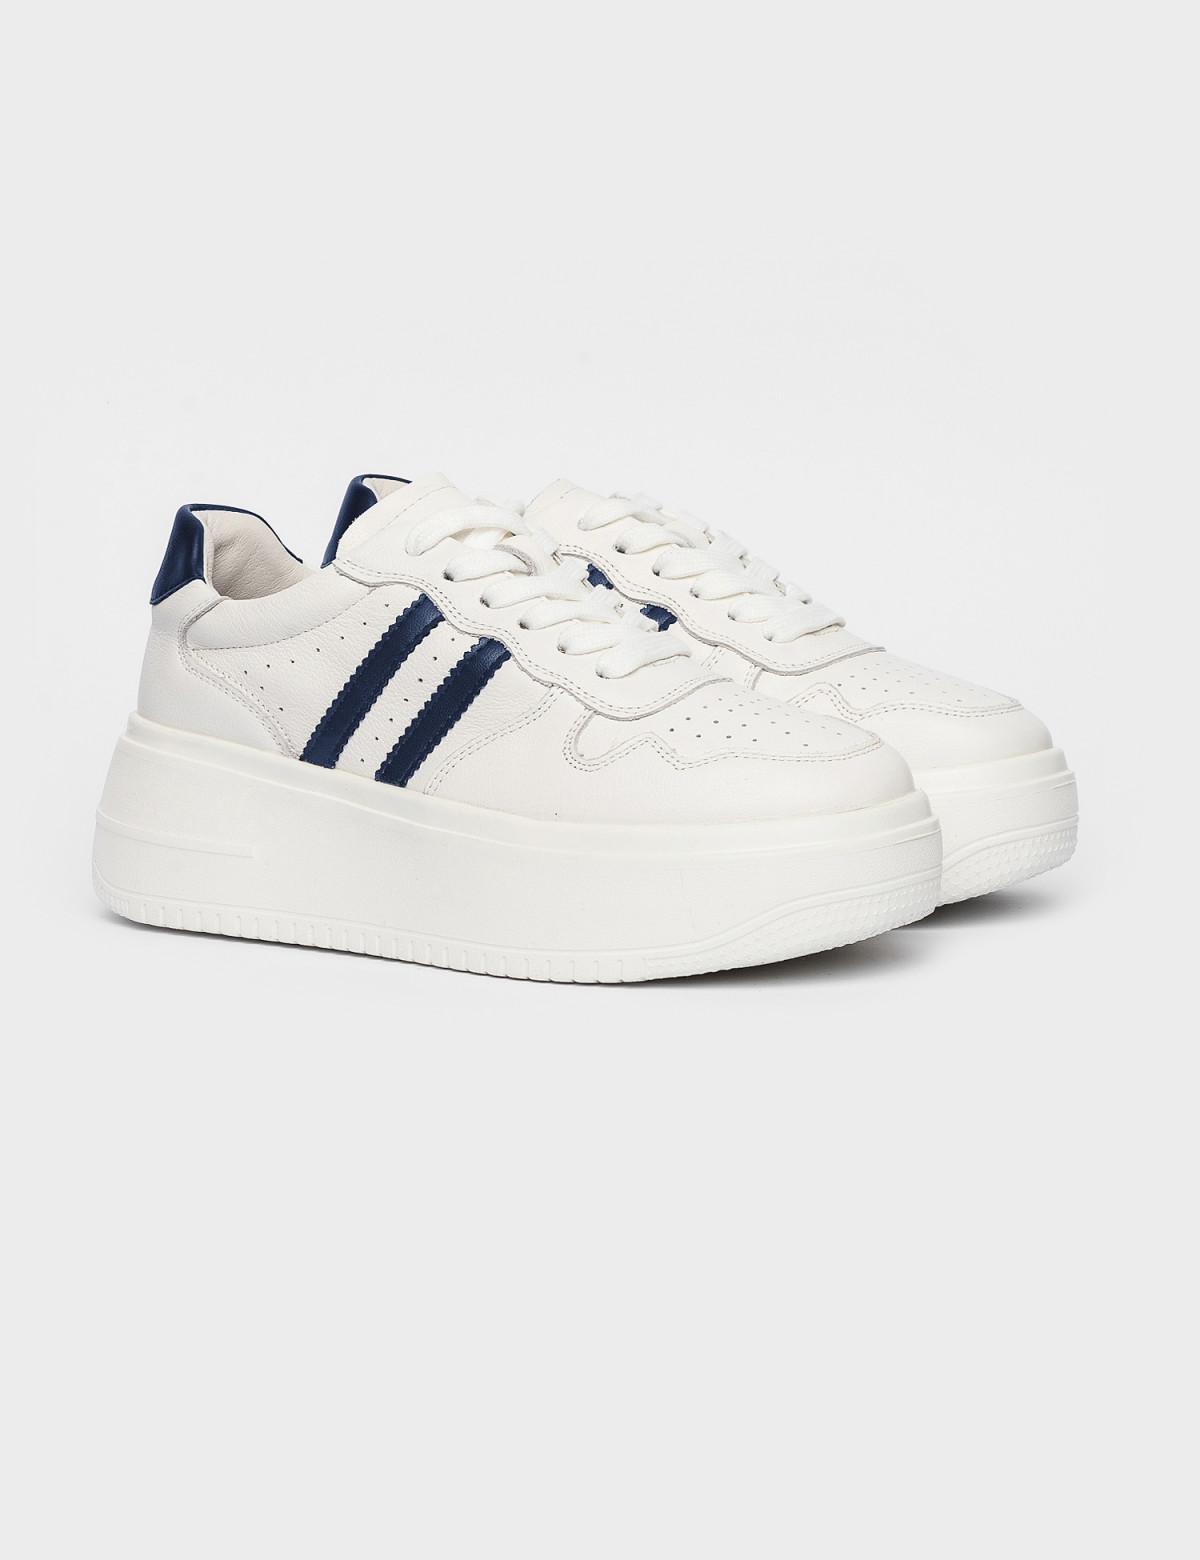 Кросівки білі/сині. Натуральна шкіра1